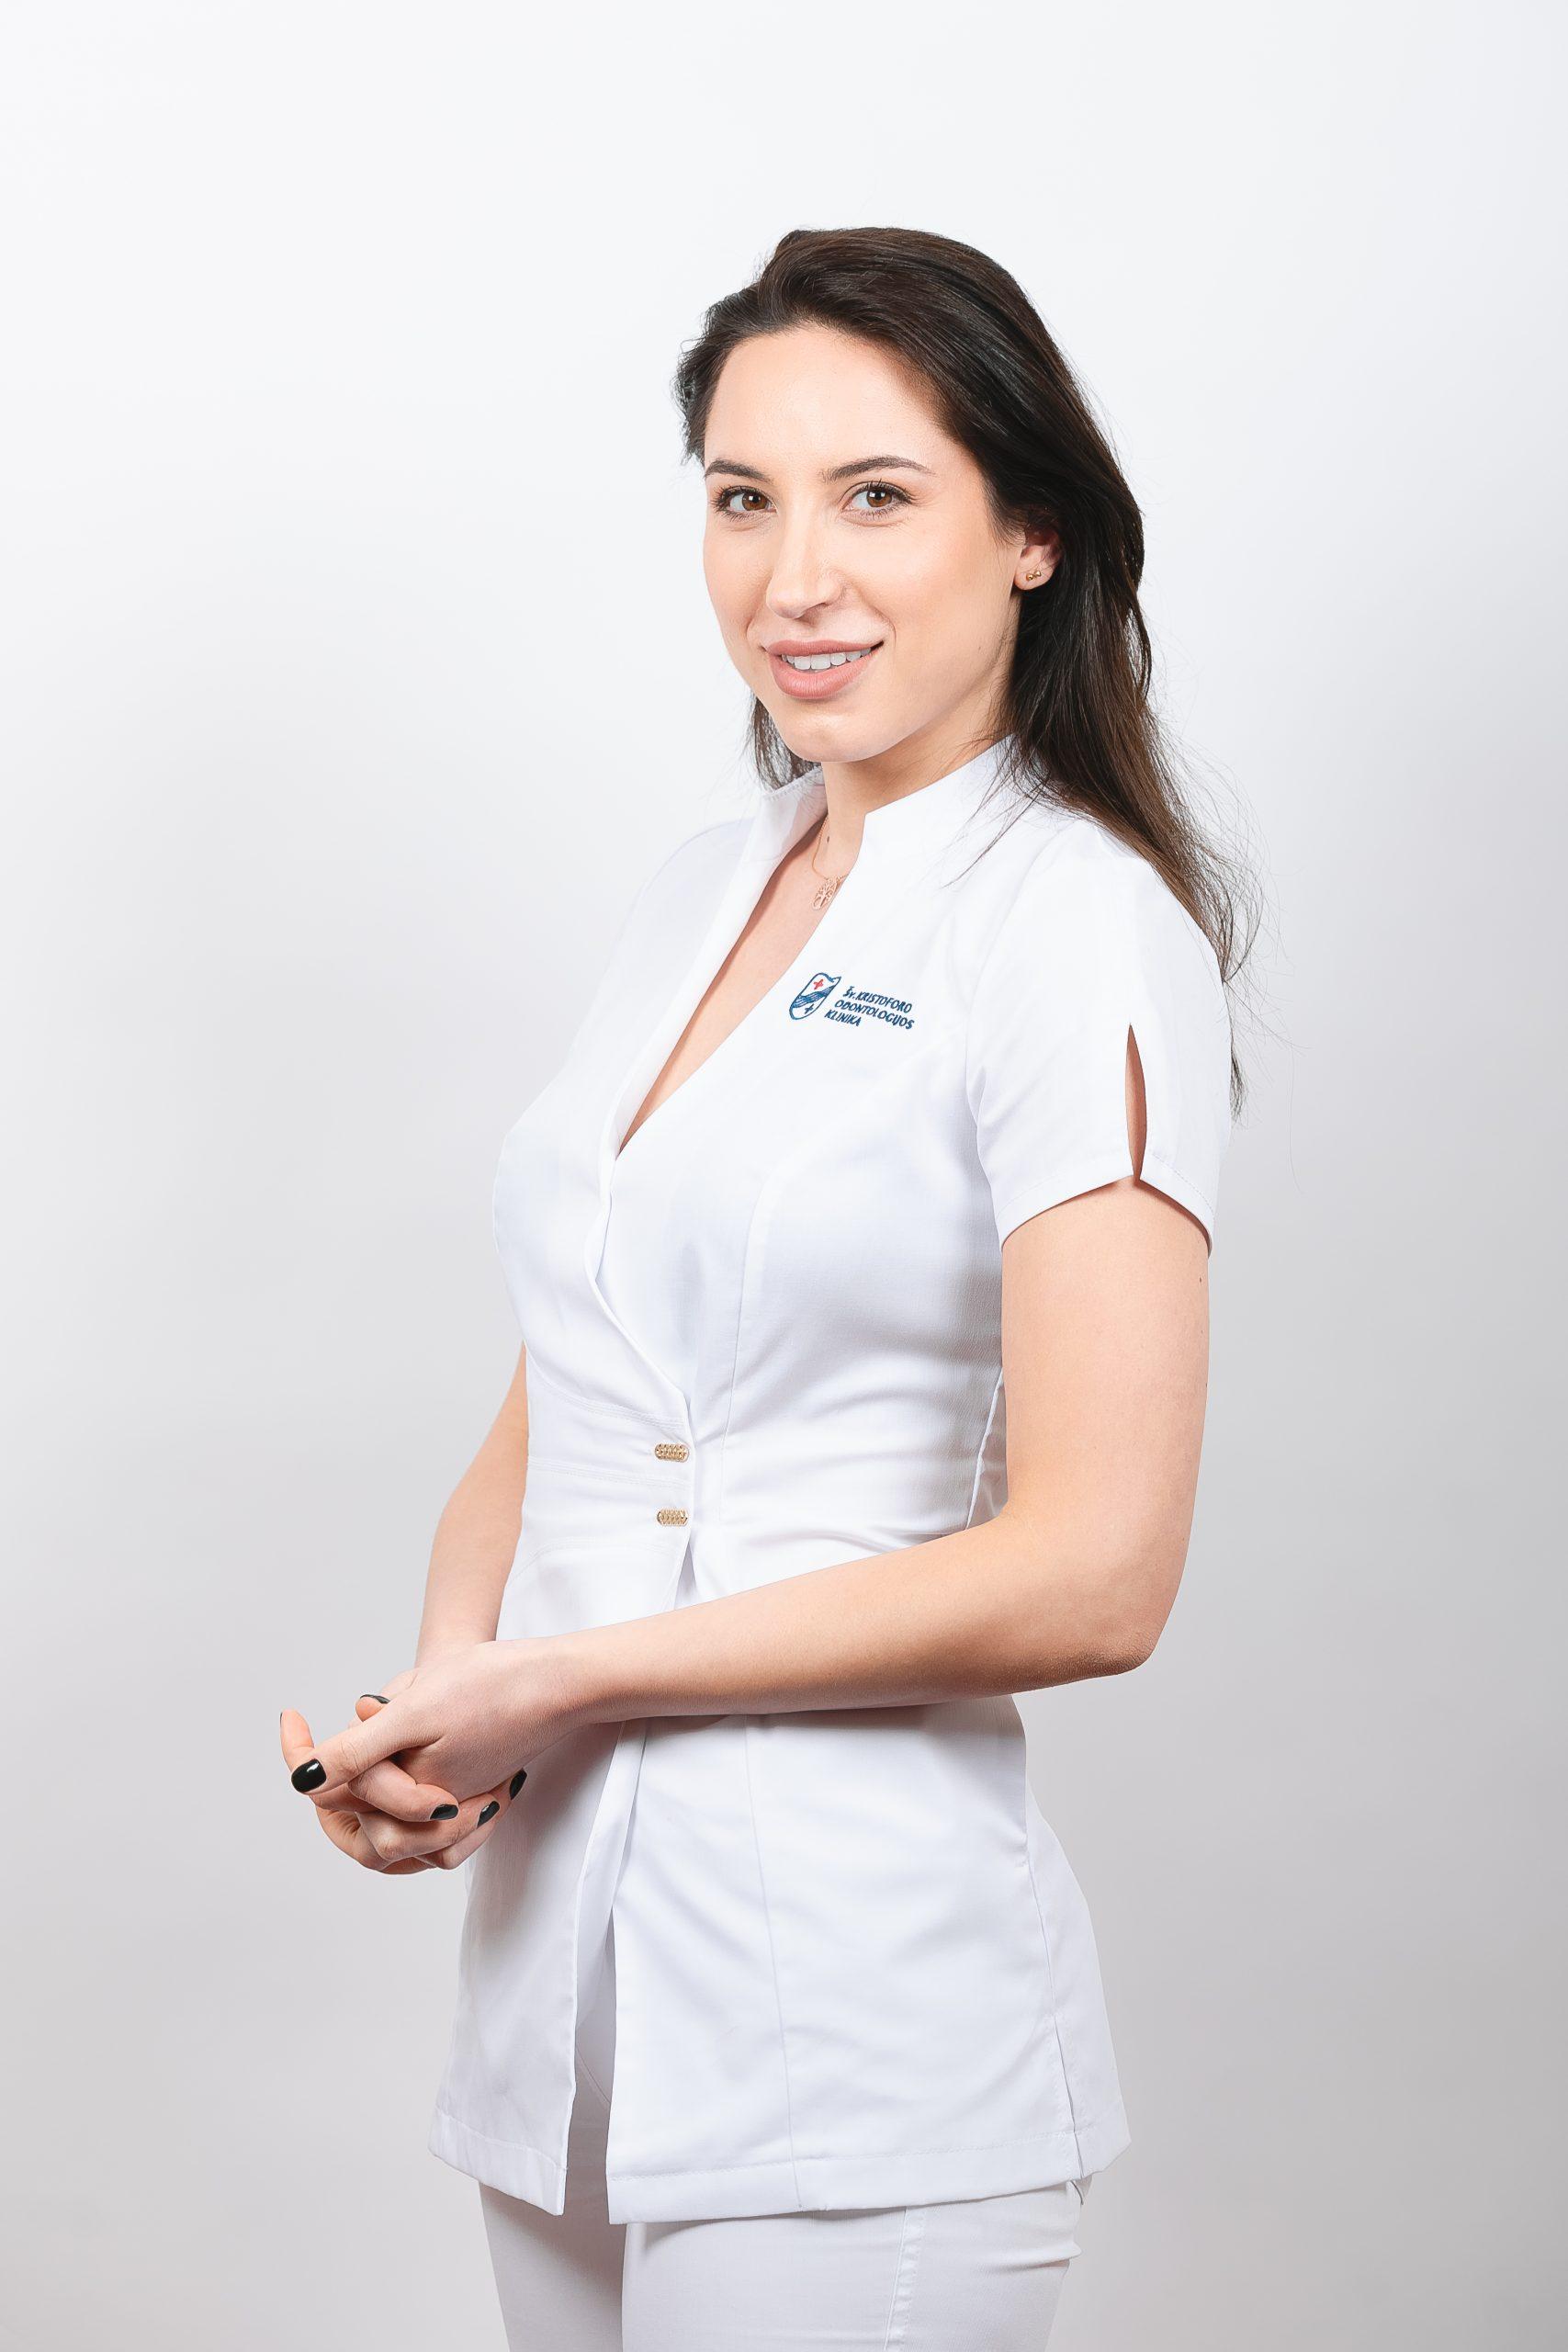 Gydytoja ortopedė Viktorija Golcova